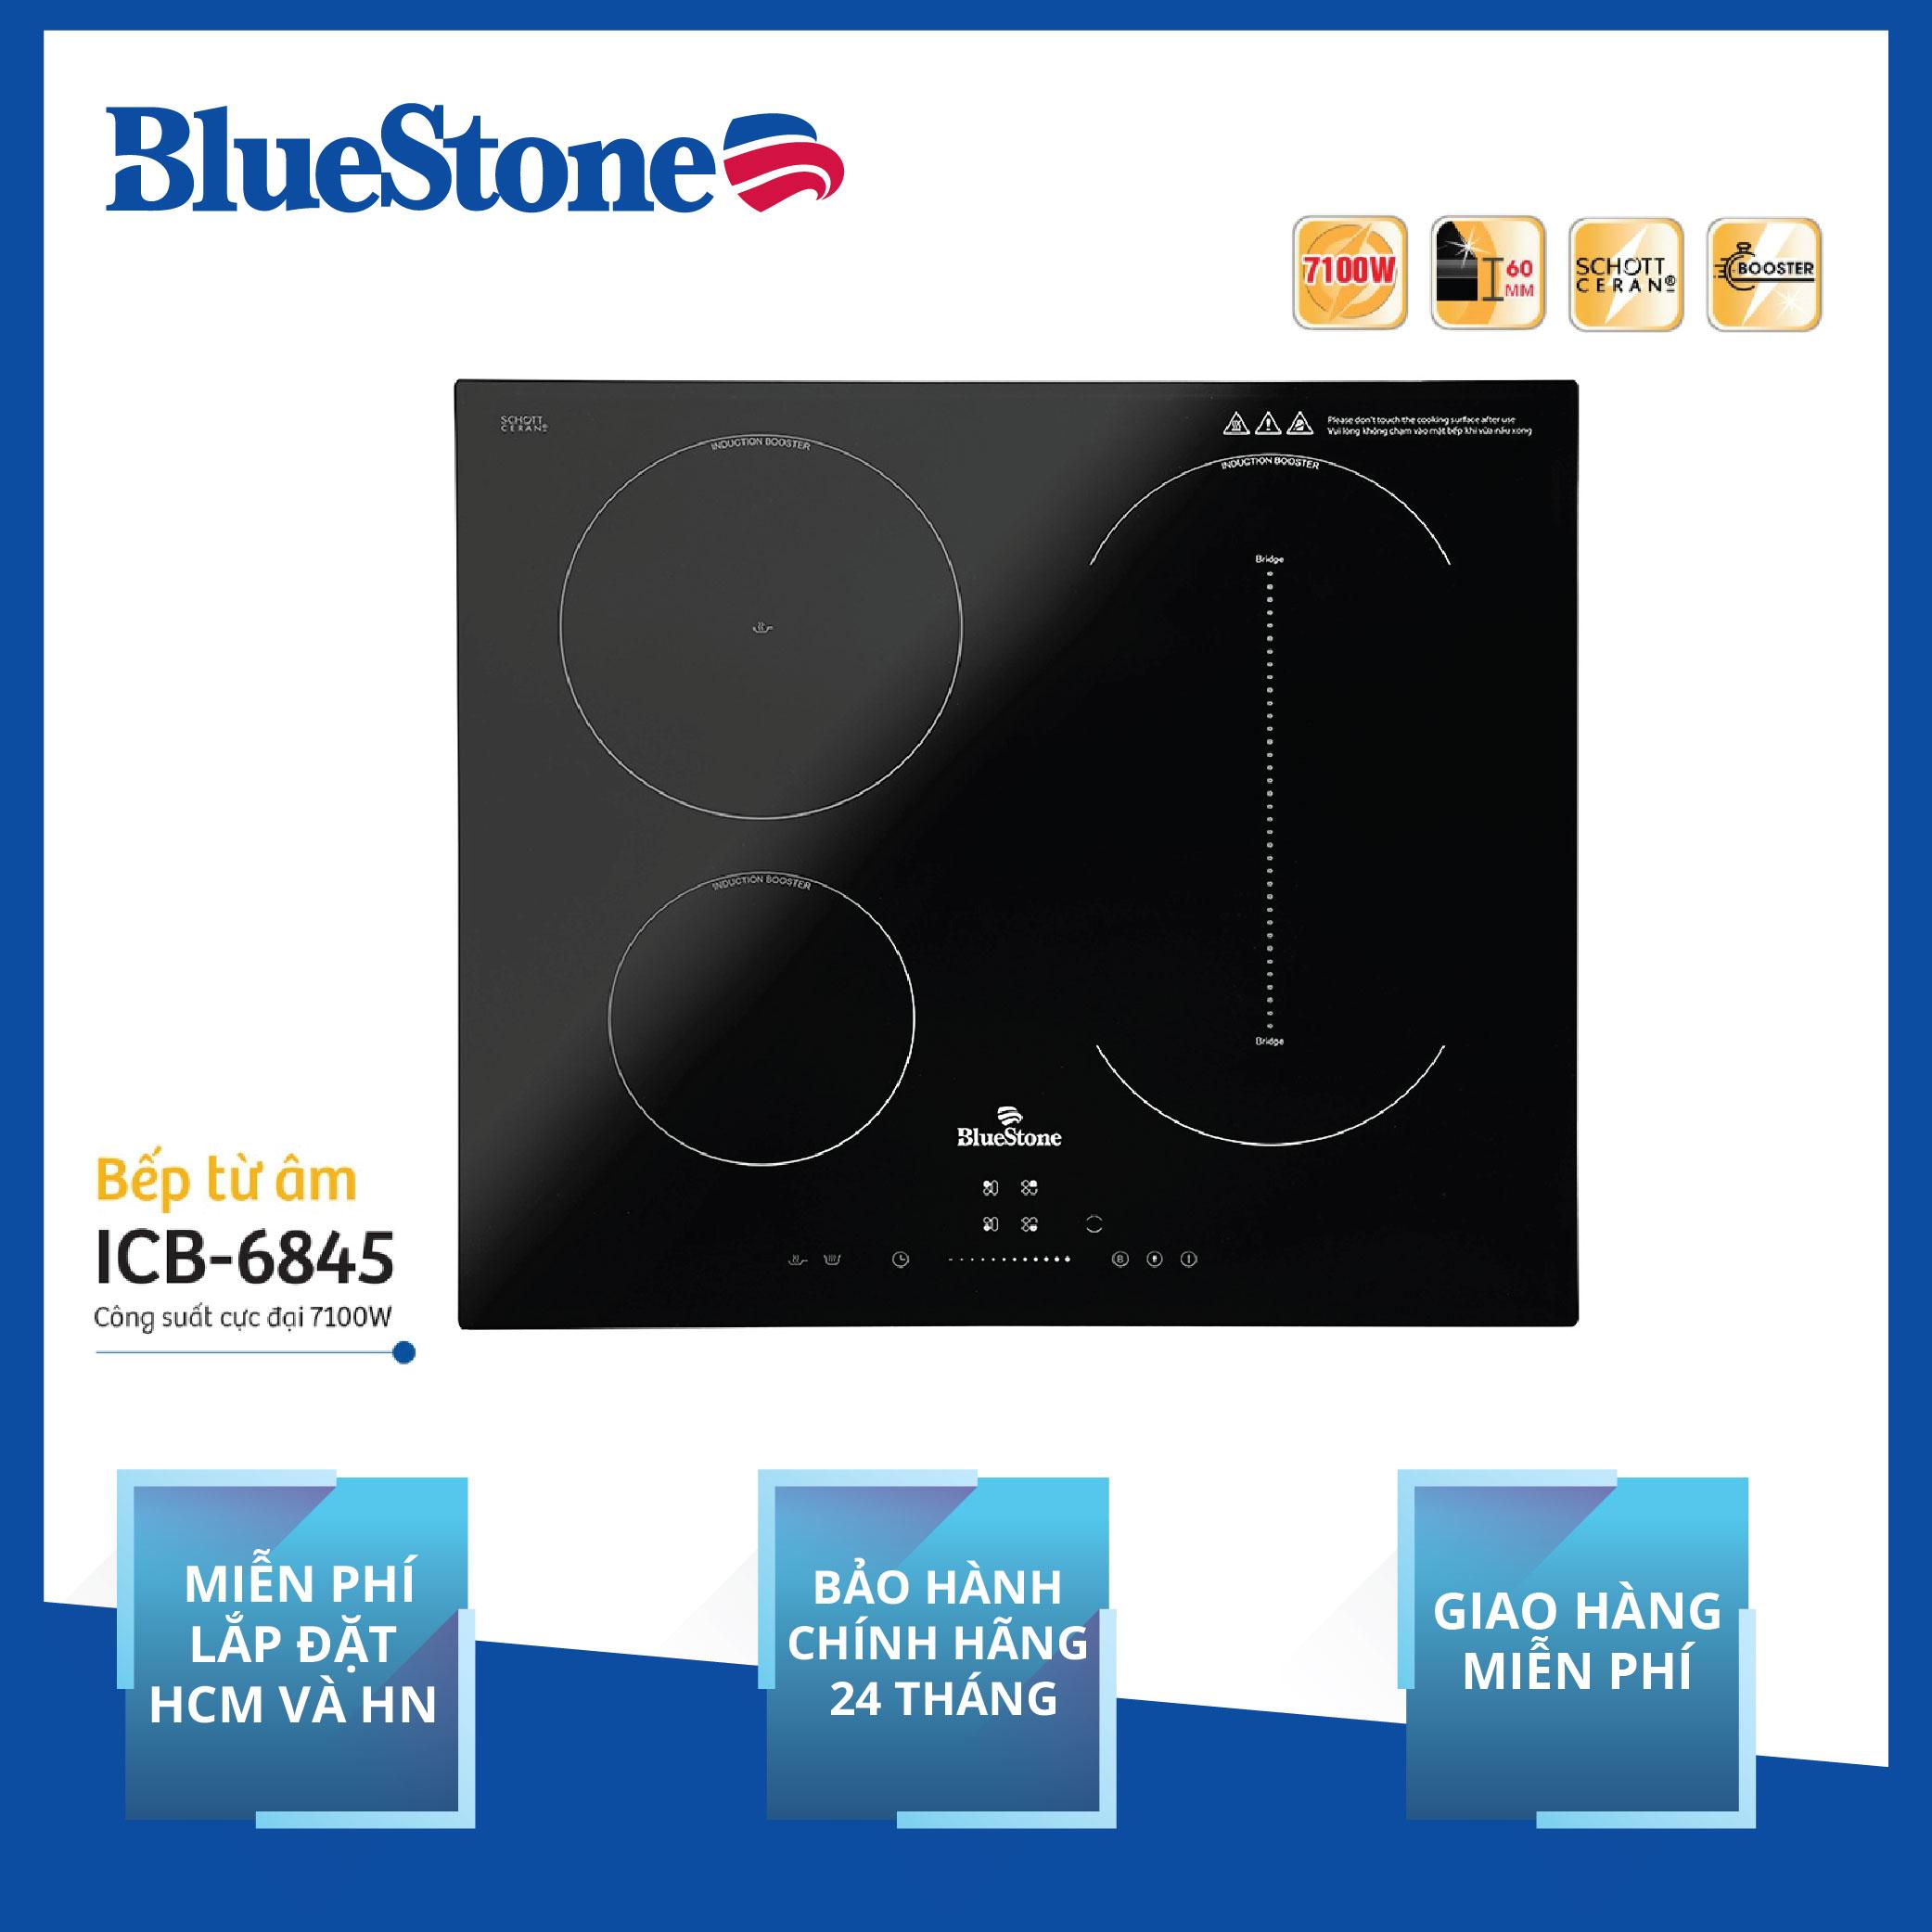 Miễn Phí Lắp đặt HCM HN - Bếp Âm Từ Đa Vùng Nấu BlueStone ICB-6845 (7100W) - Mặt Kính Schott Ceran Chịu Lực Nhiệt - 3 Vùng Nấu - 9 Mức điều Chỉnh -  Hàng Chính Hãng Duy Nhất Khuyến Mại Hôm Nay